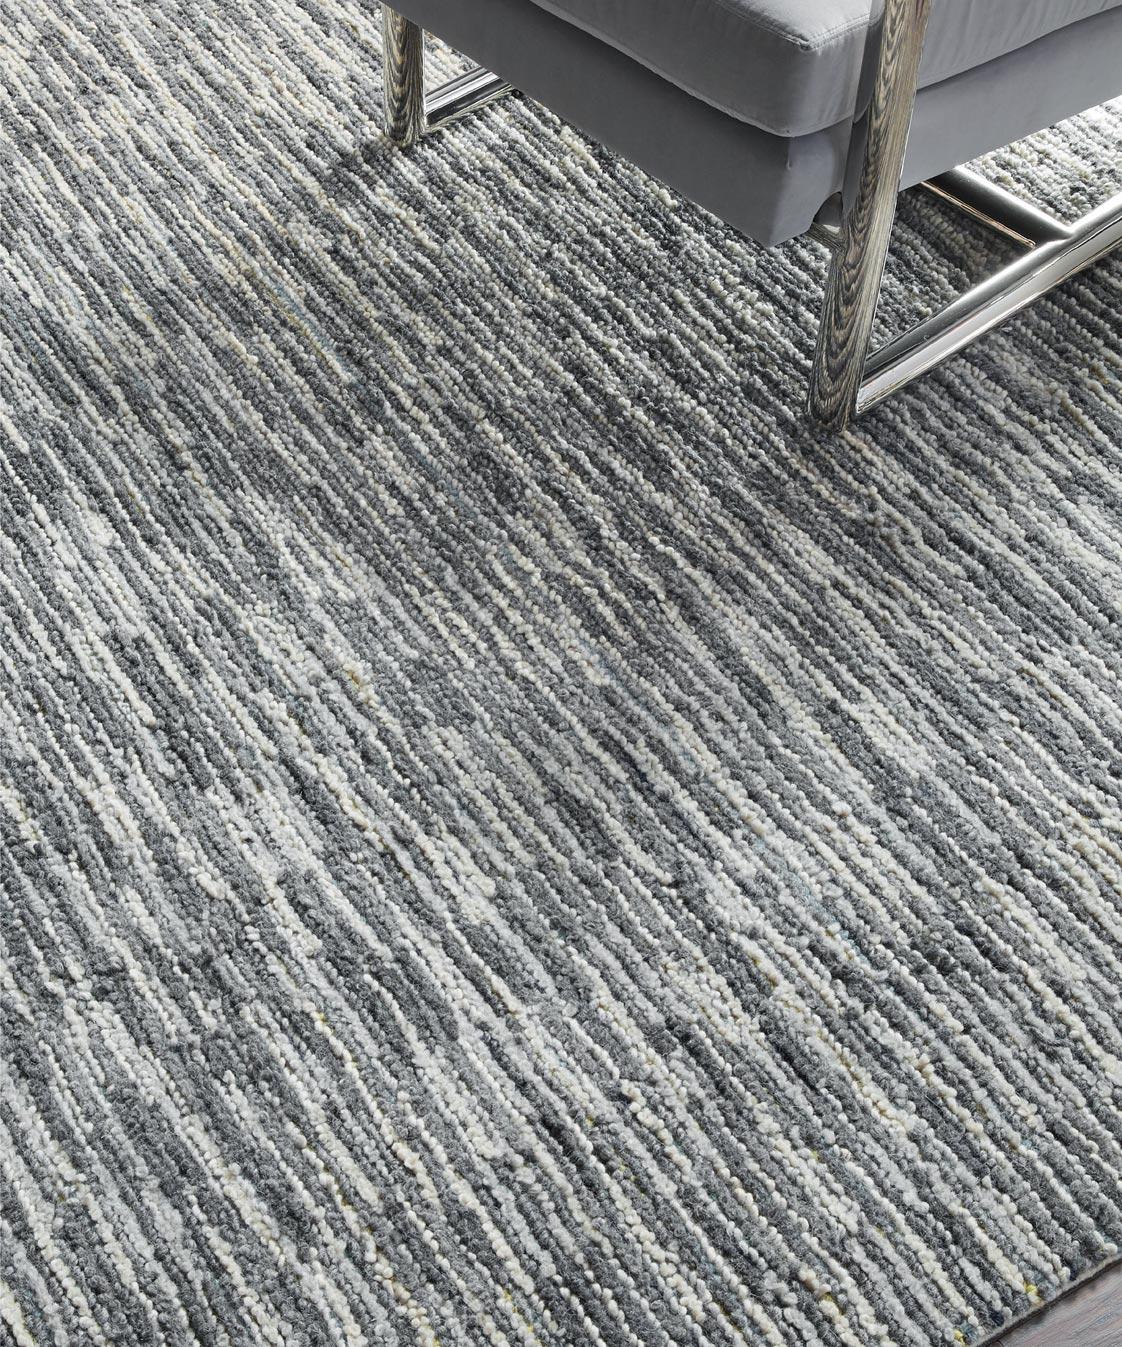 Dresher rug